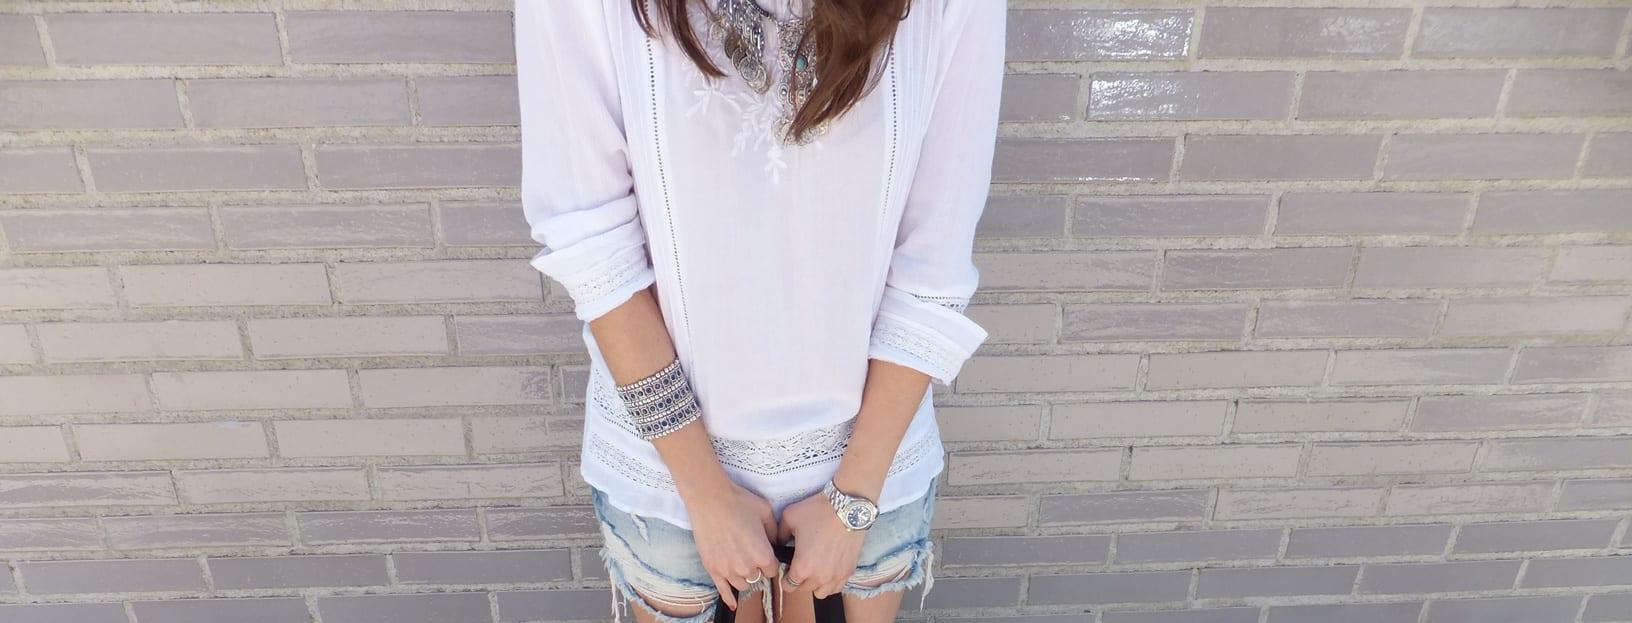 blogger de moda española